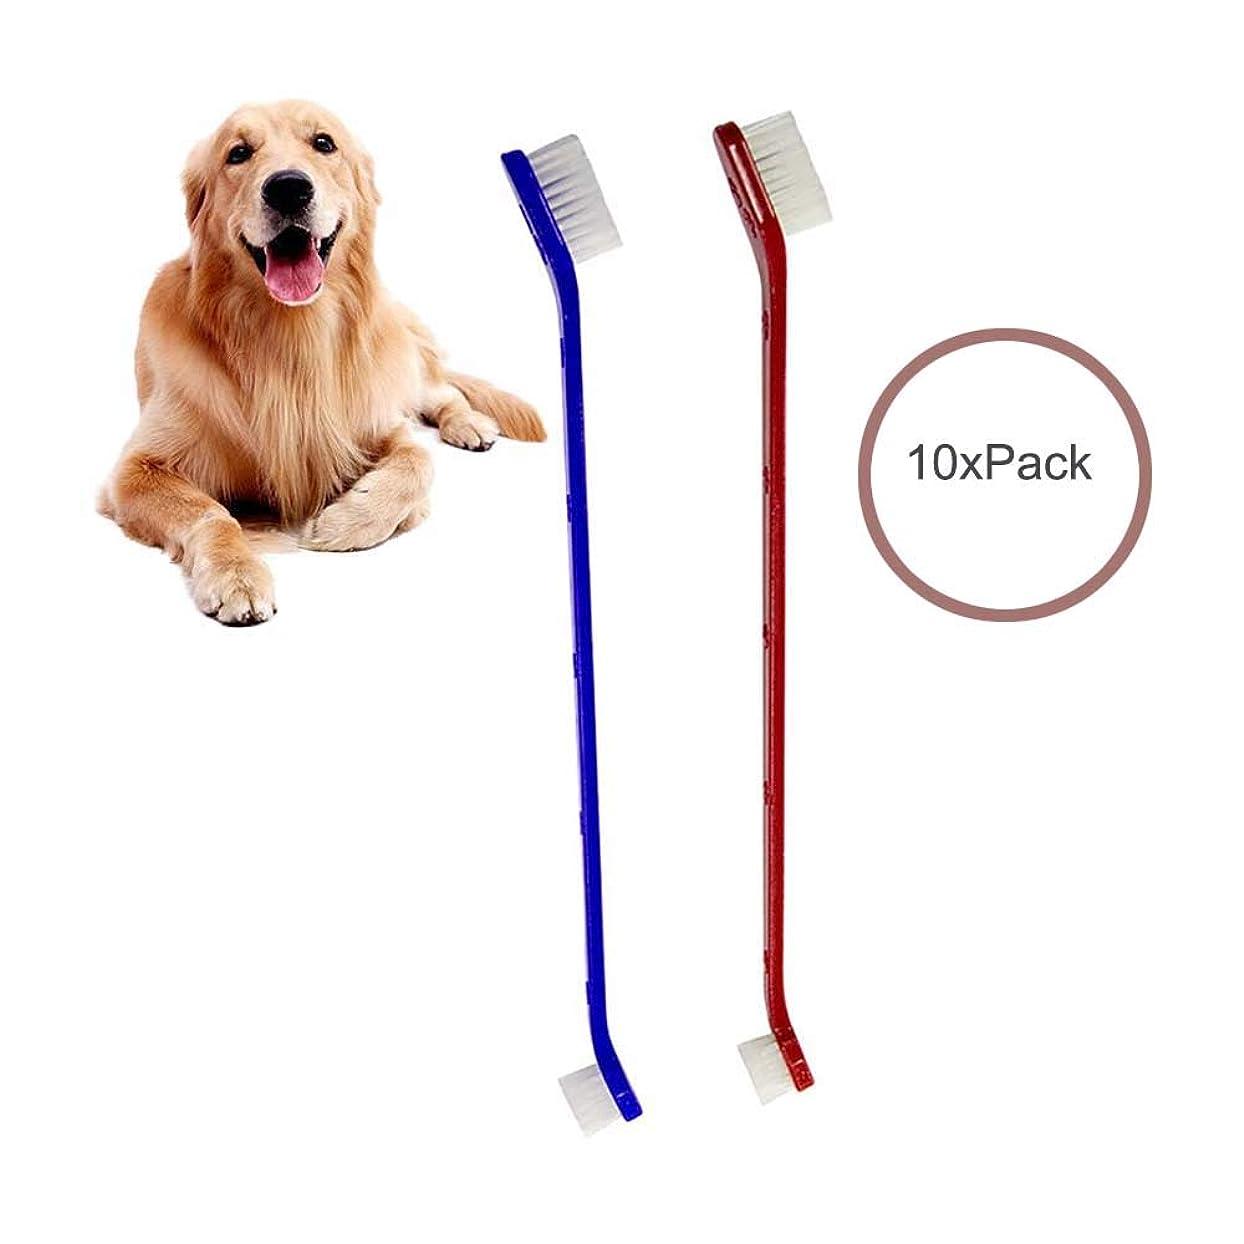 オンス消費者想定する犬歯ブラシ, ダブルヘッドハンドルペットプロの歯ブラシと猫の歯ブラシ、最も効果的な歯ブラシクリーニング(青と赤)